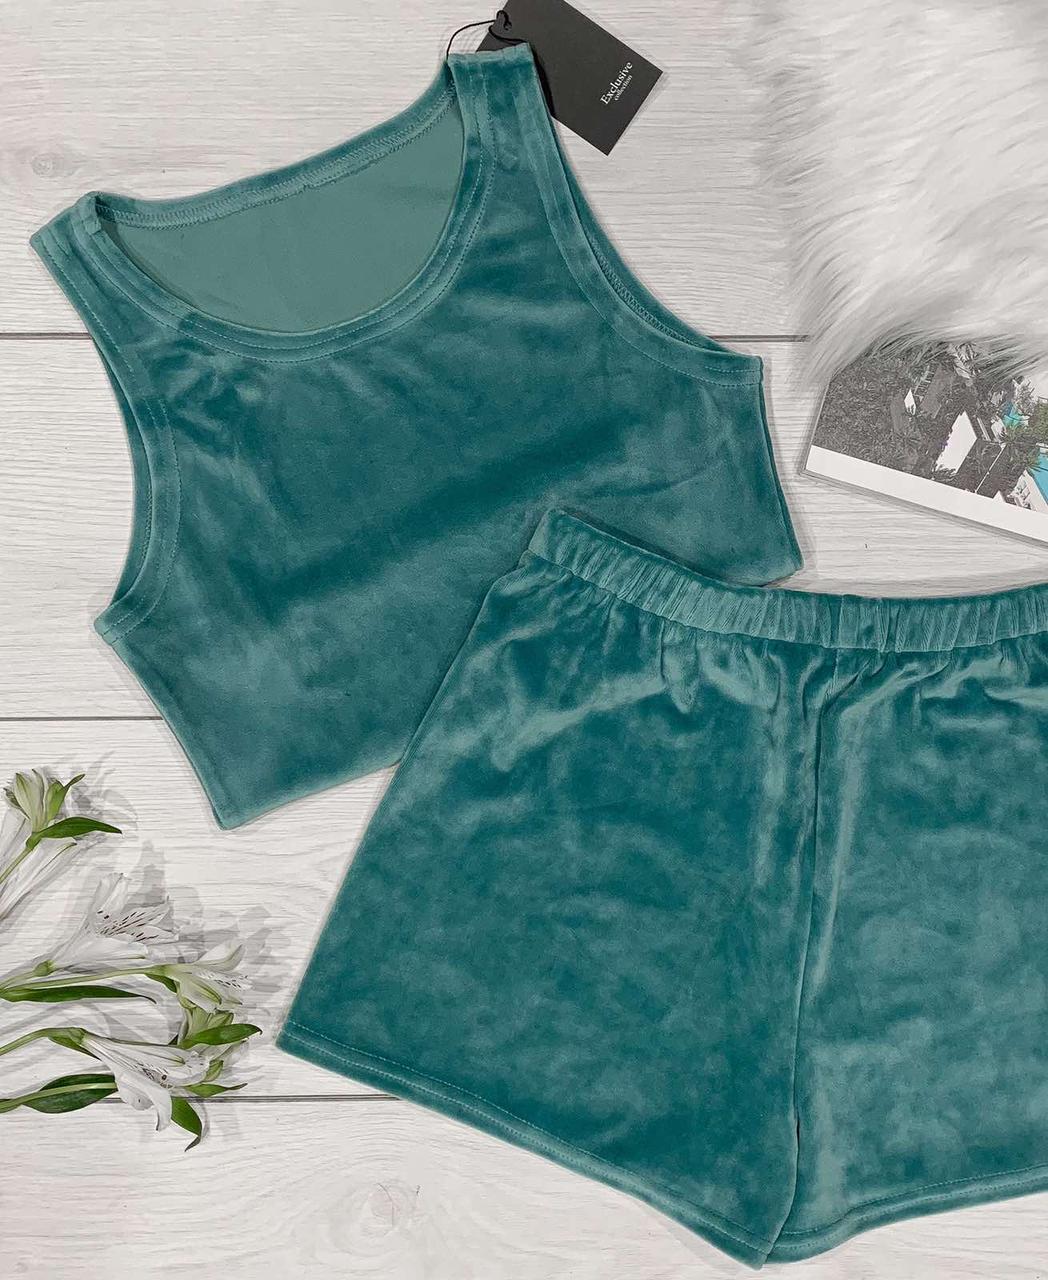 Стильные высокие шорты и майка топ в цвете индиго.